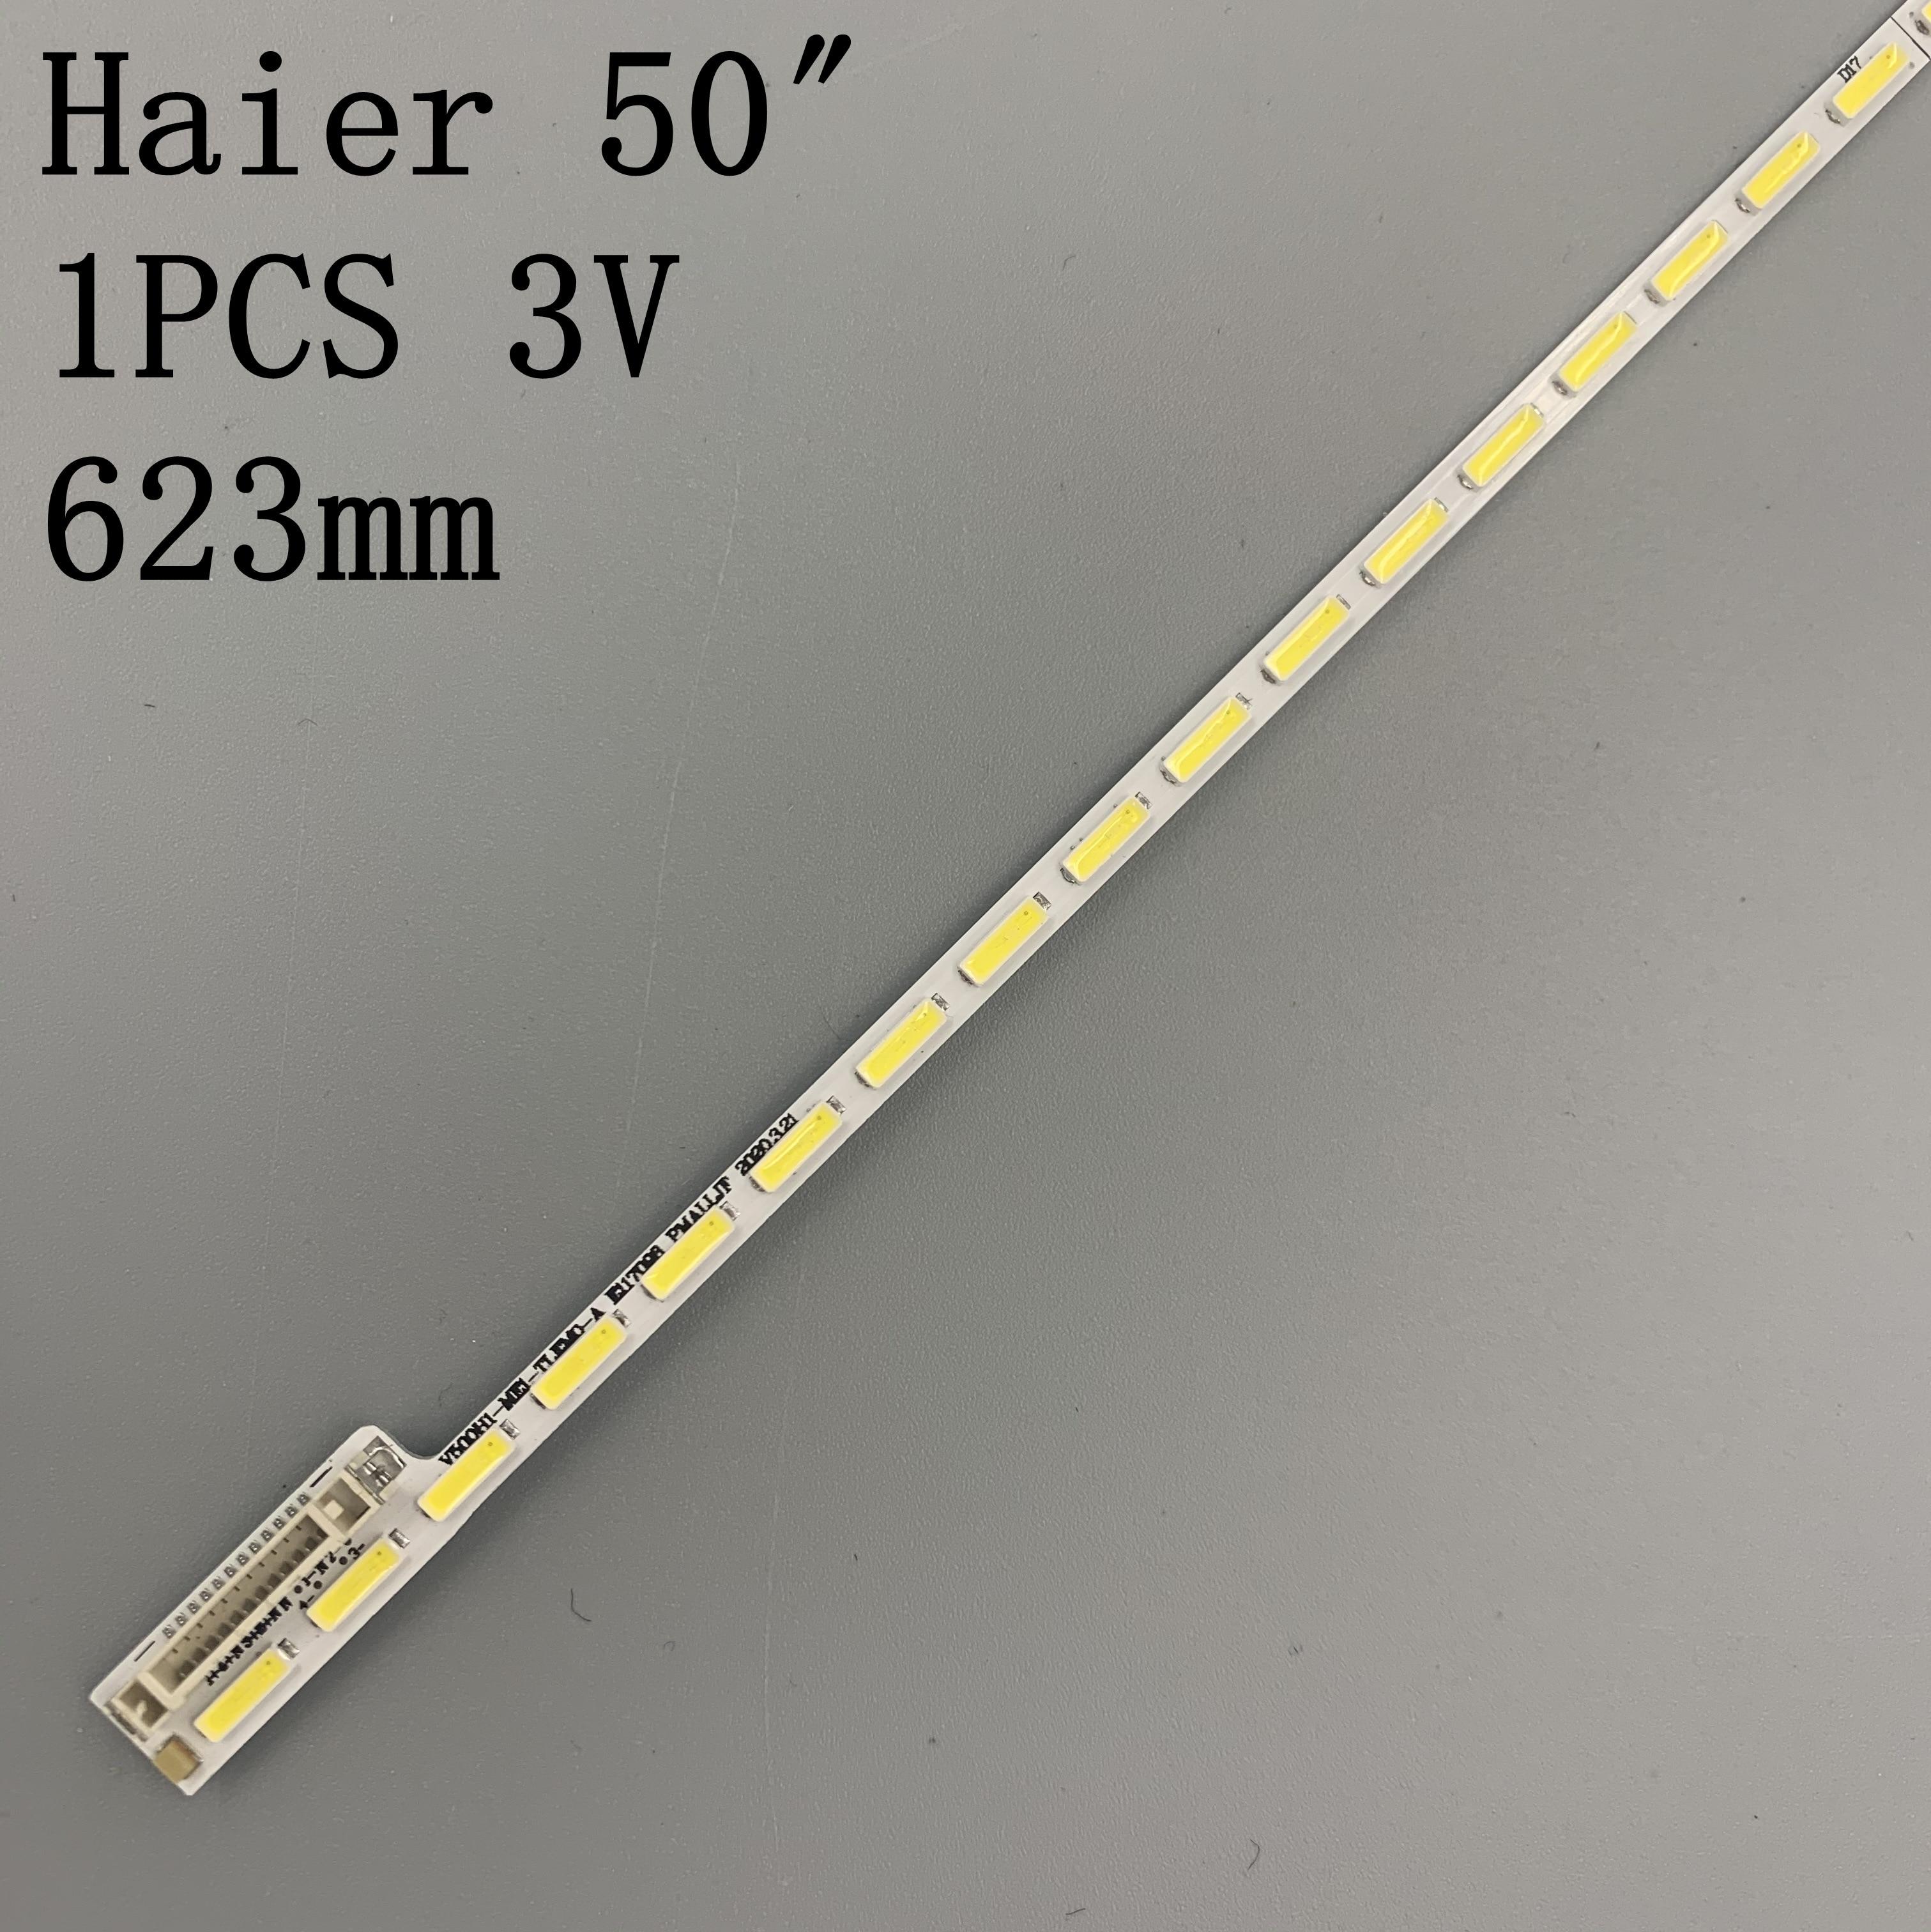 Полоски для лампы Haier LE50A5000 50DU6000, 50 дюймов, полоски для лампы с экраном, 1 шт. = 68LED, 623 мм, для LE50A5000 50DU6000, 1 шт. = 68LED, мм